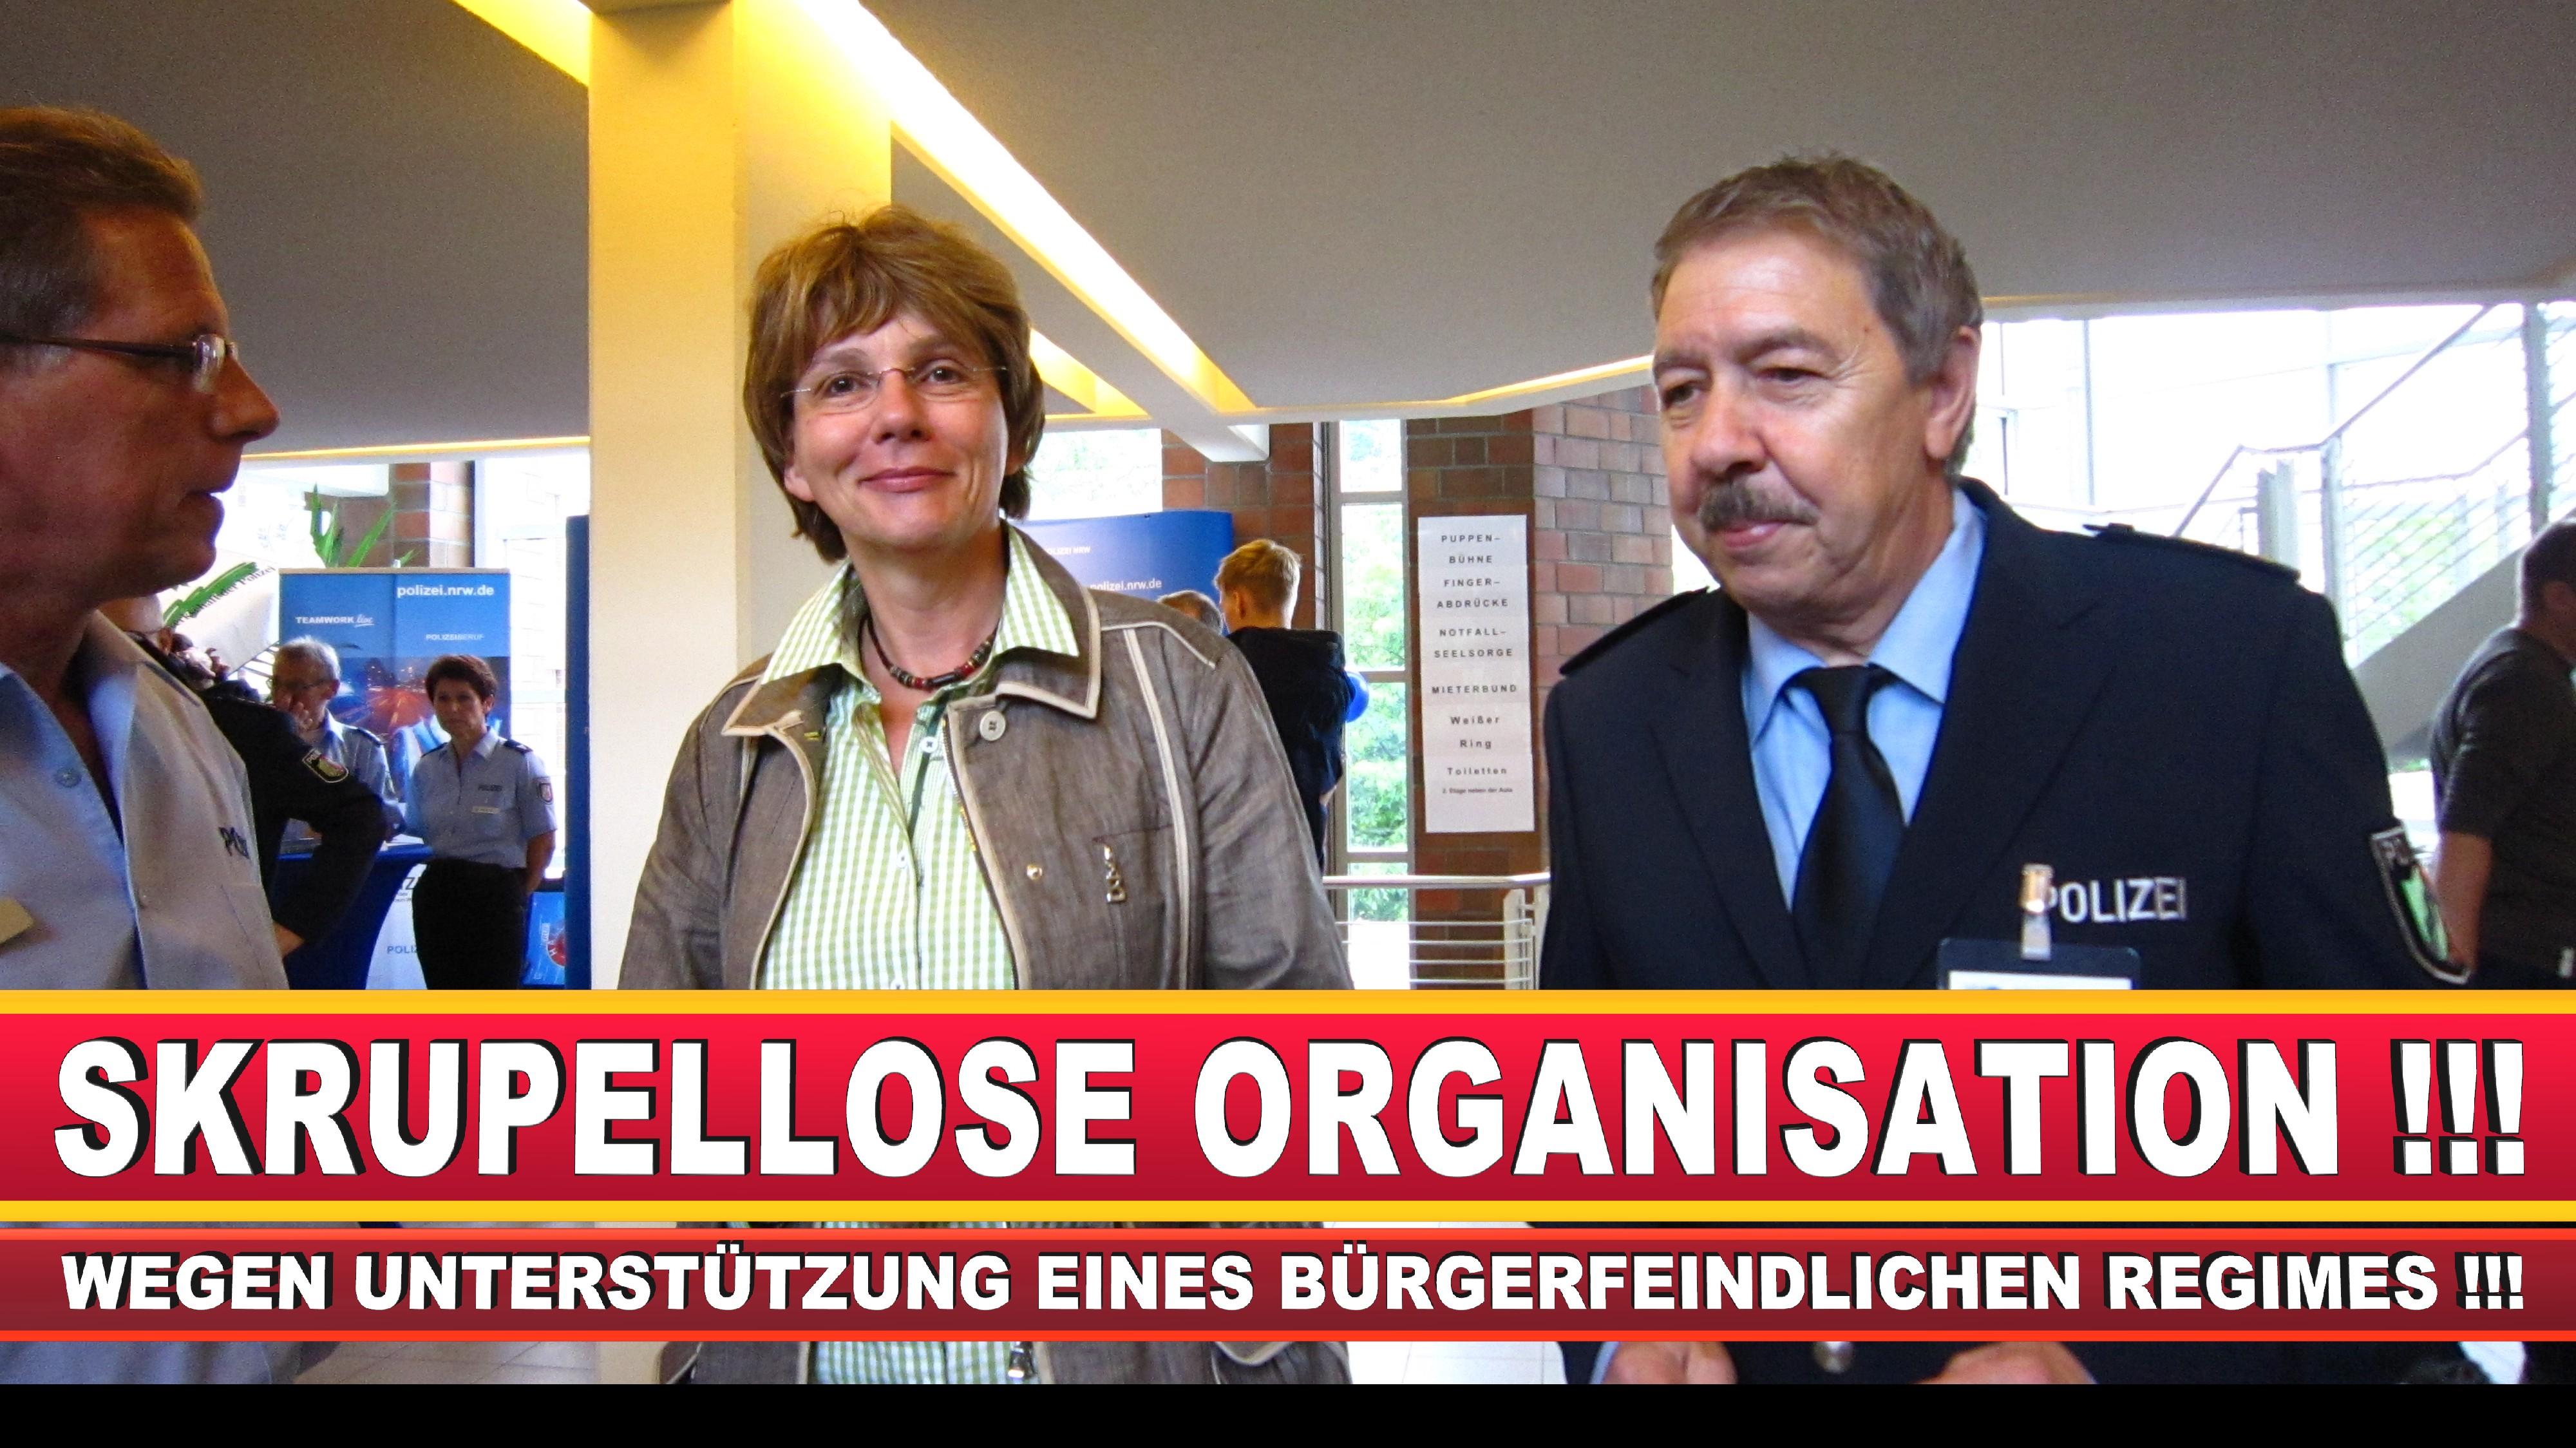 Polizeipräsidentin Katharina Giere Polizei Bielefeld NRW Erwin Südfeld Horst Kruse Polizeiuniform Polizeigewalt DEMONSTRATION Bahnhof (27)